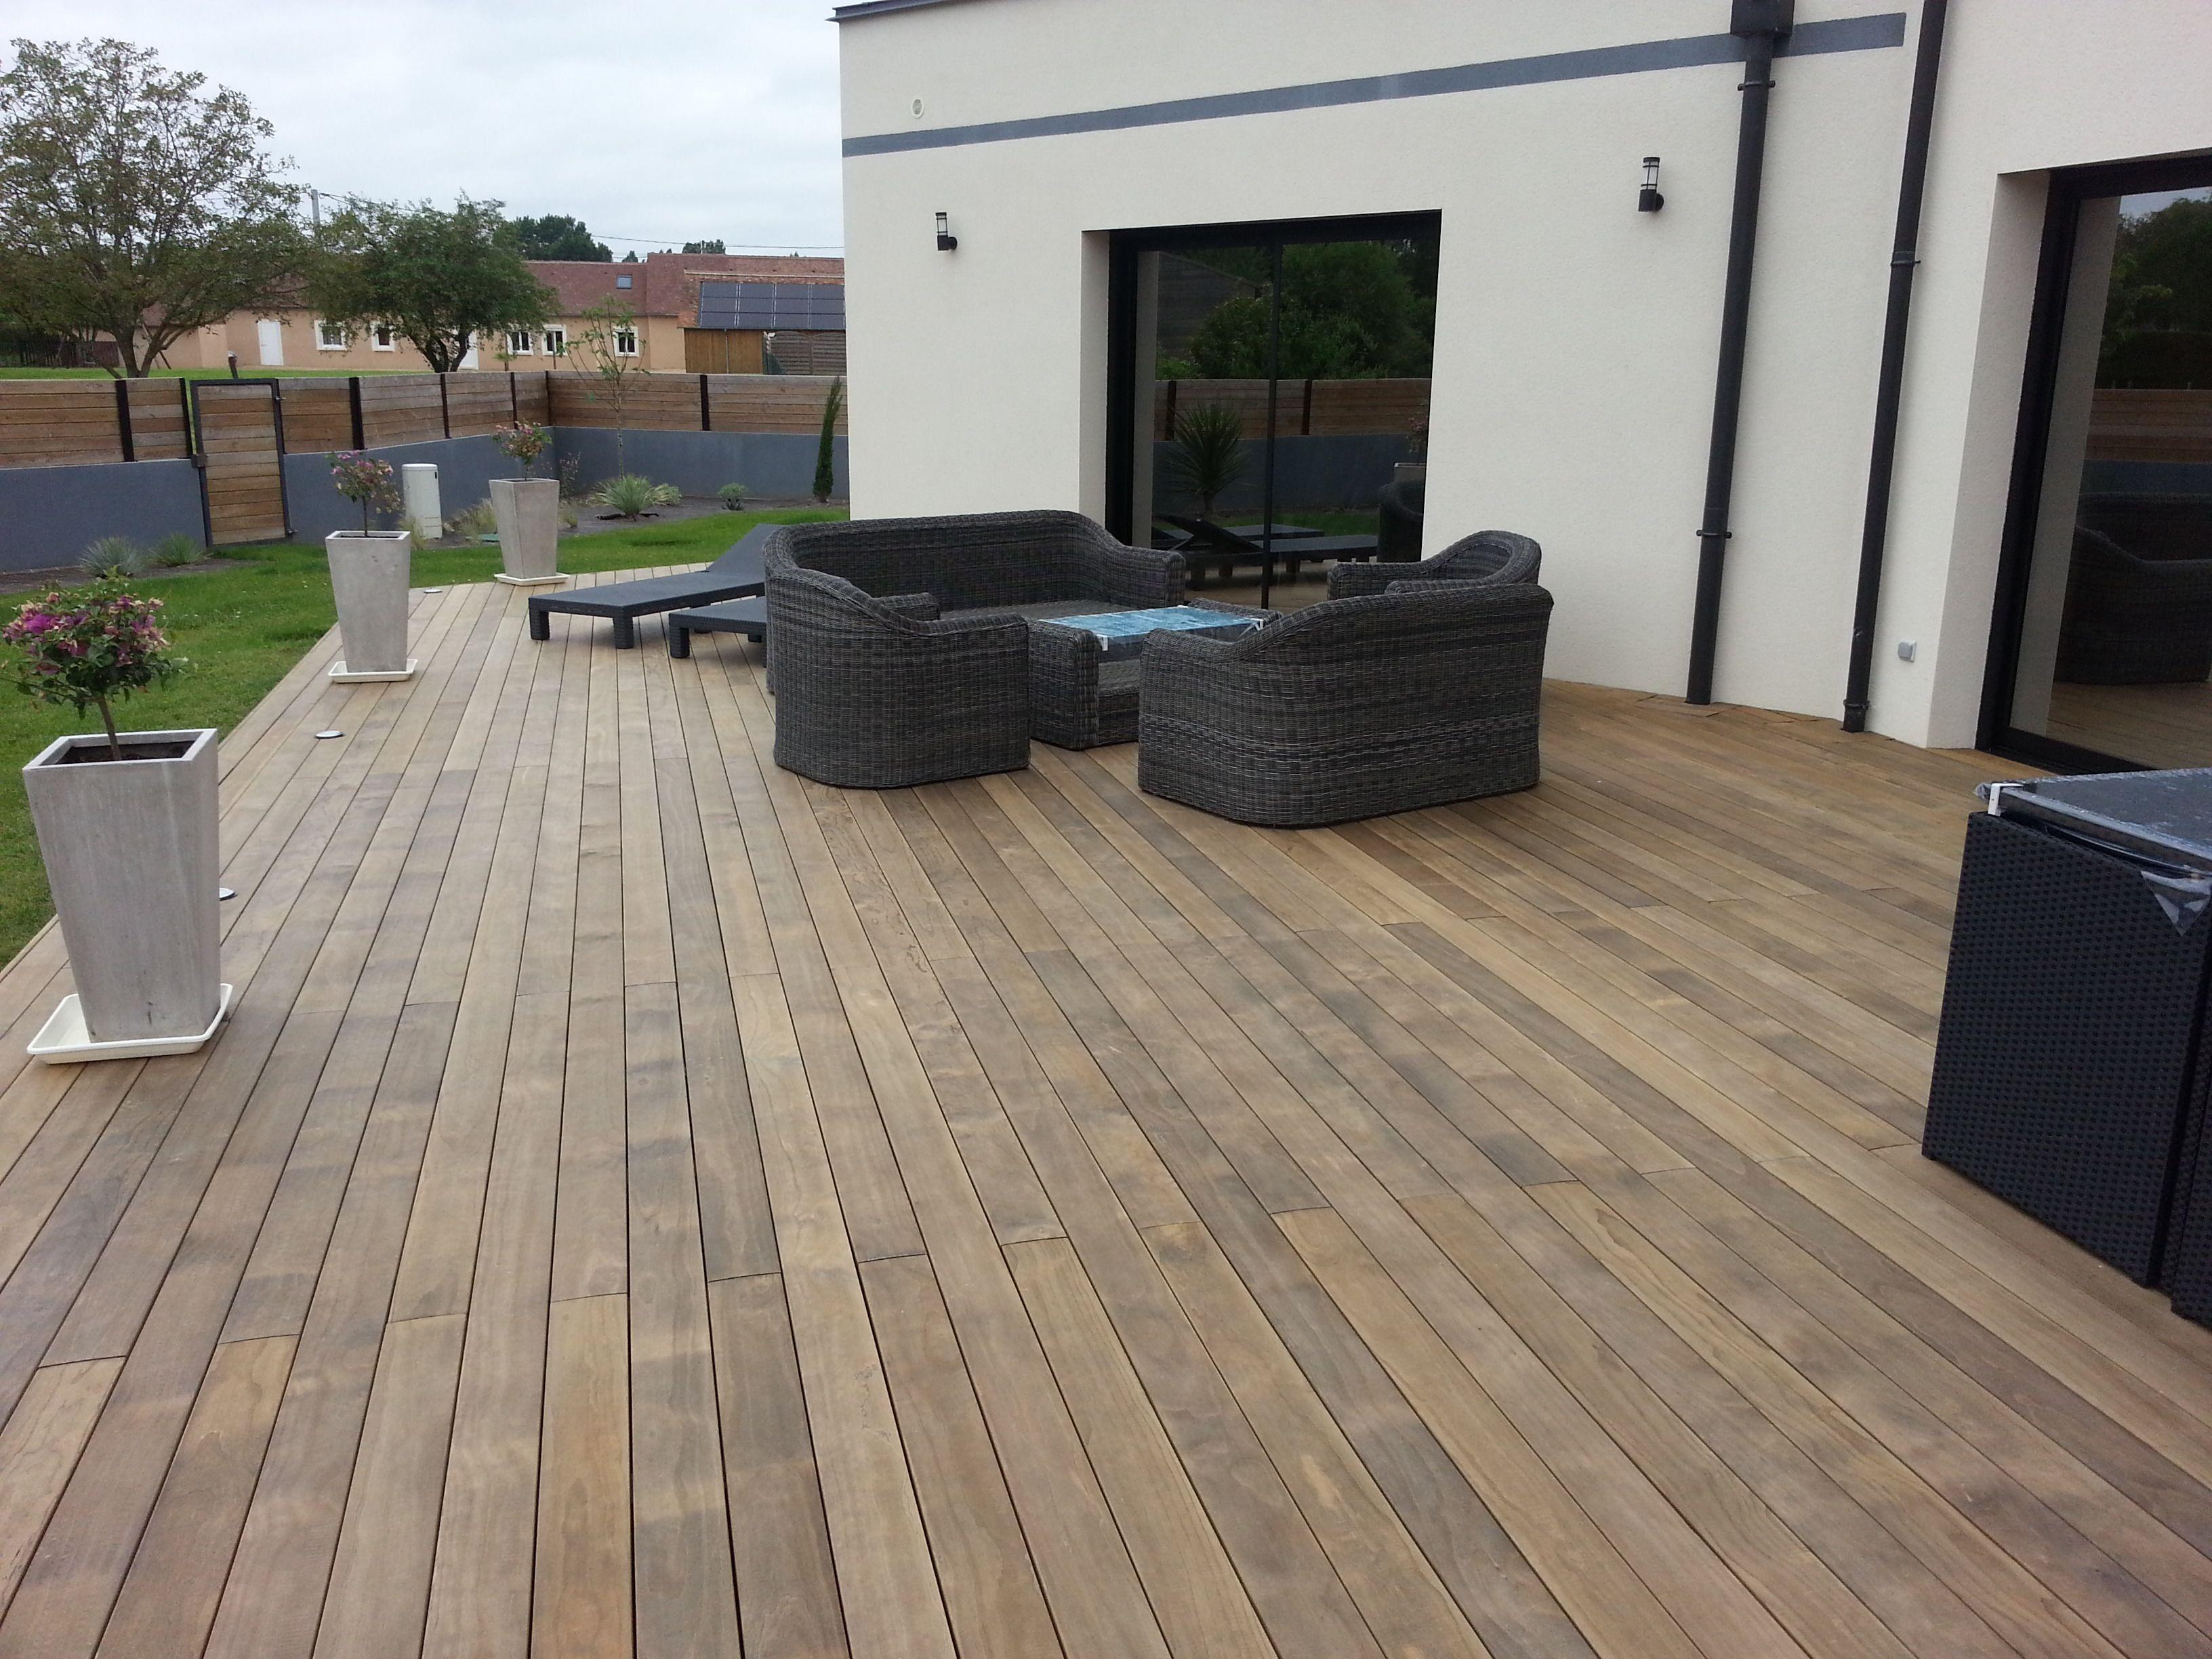 Terrasse Tendance Bois : J u0026#39;admire les finitions de ma terrasse en bois